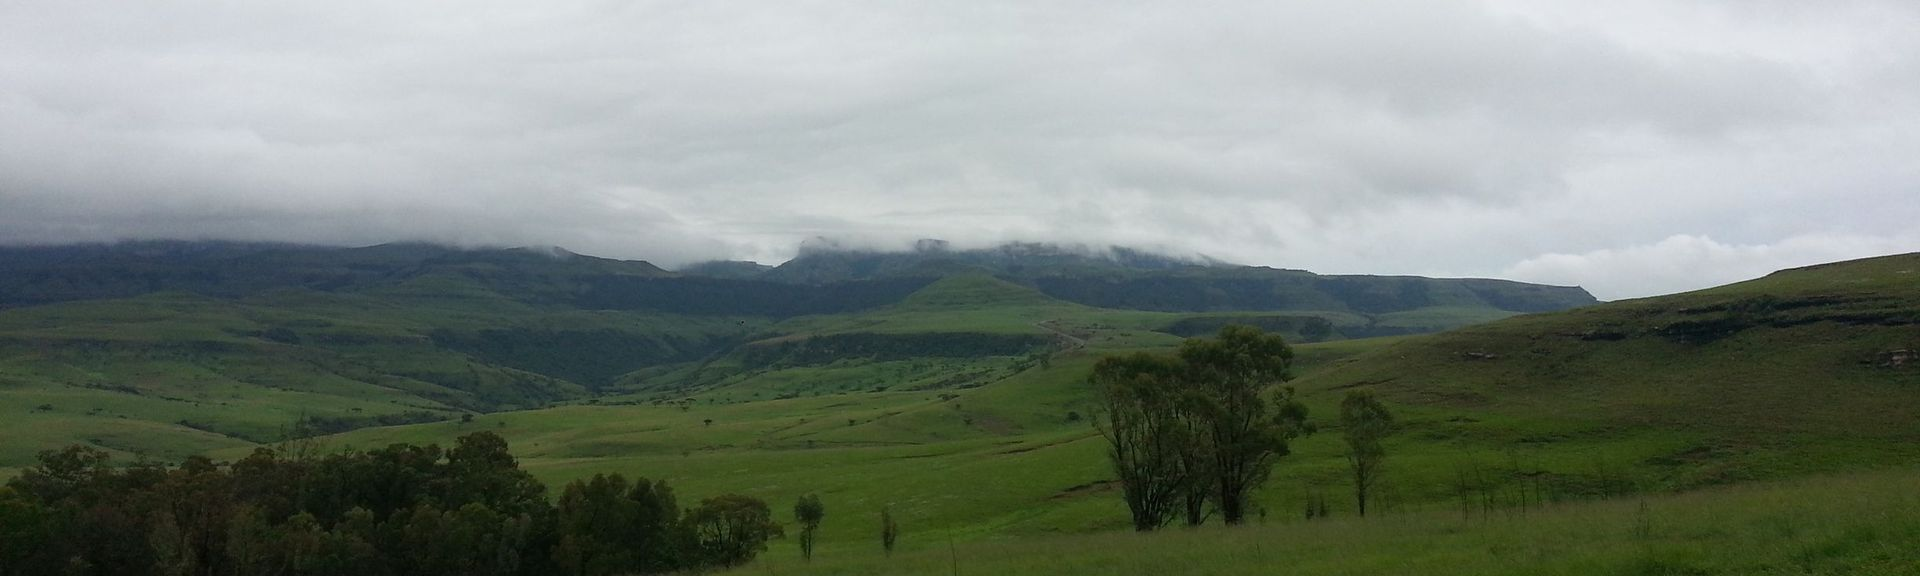 KwaZulu-Natal (province), Afrique du Sud